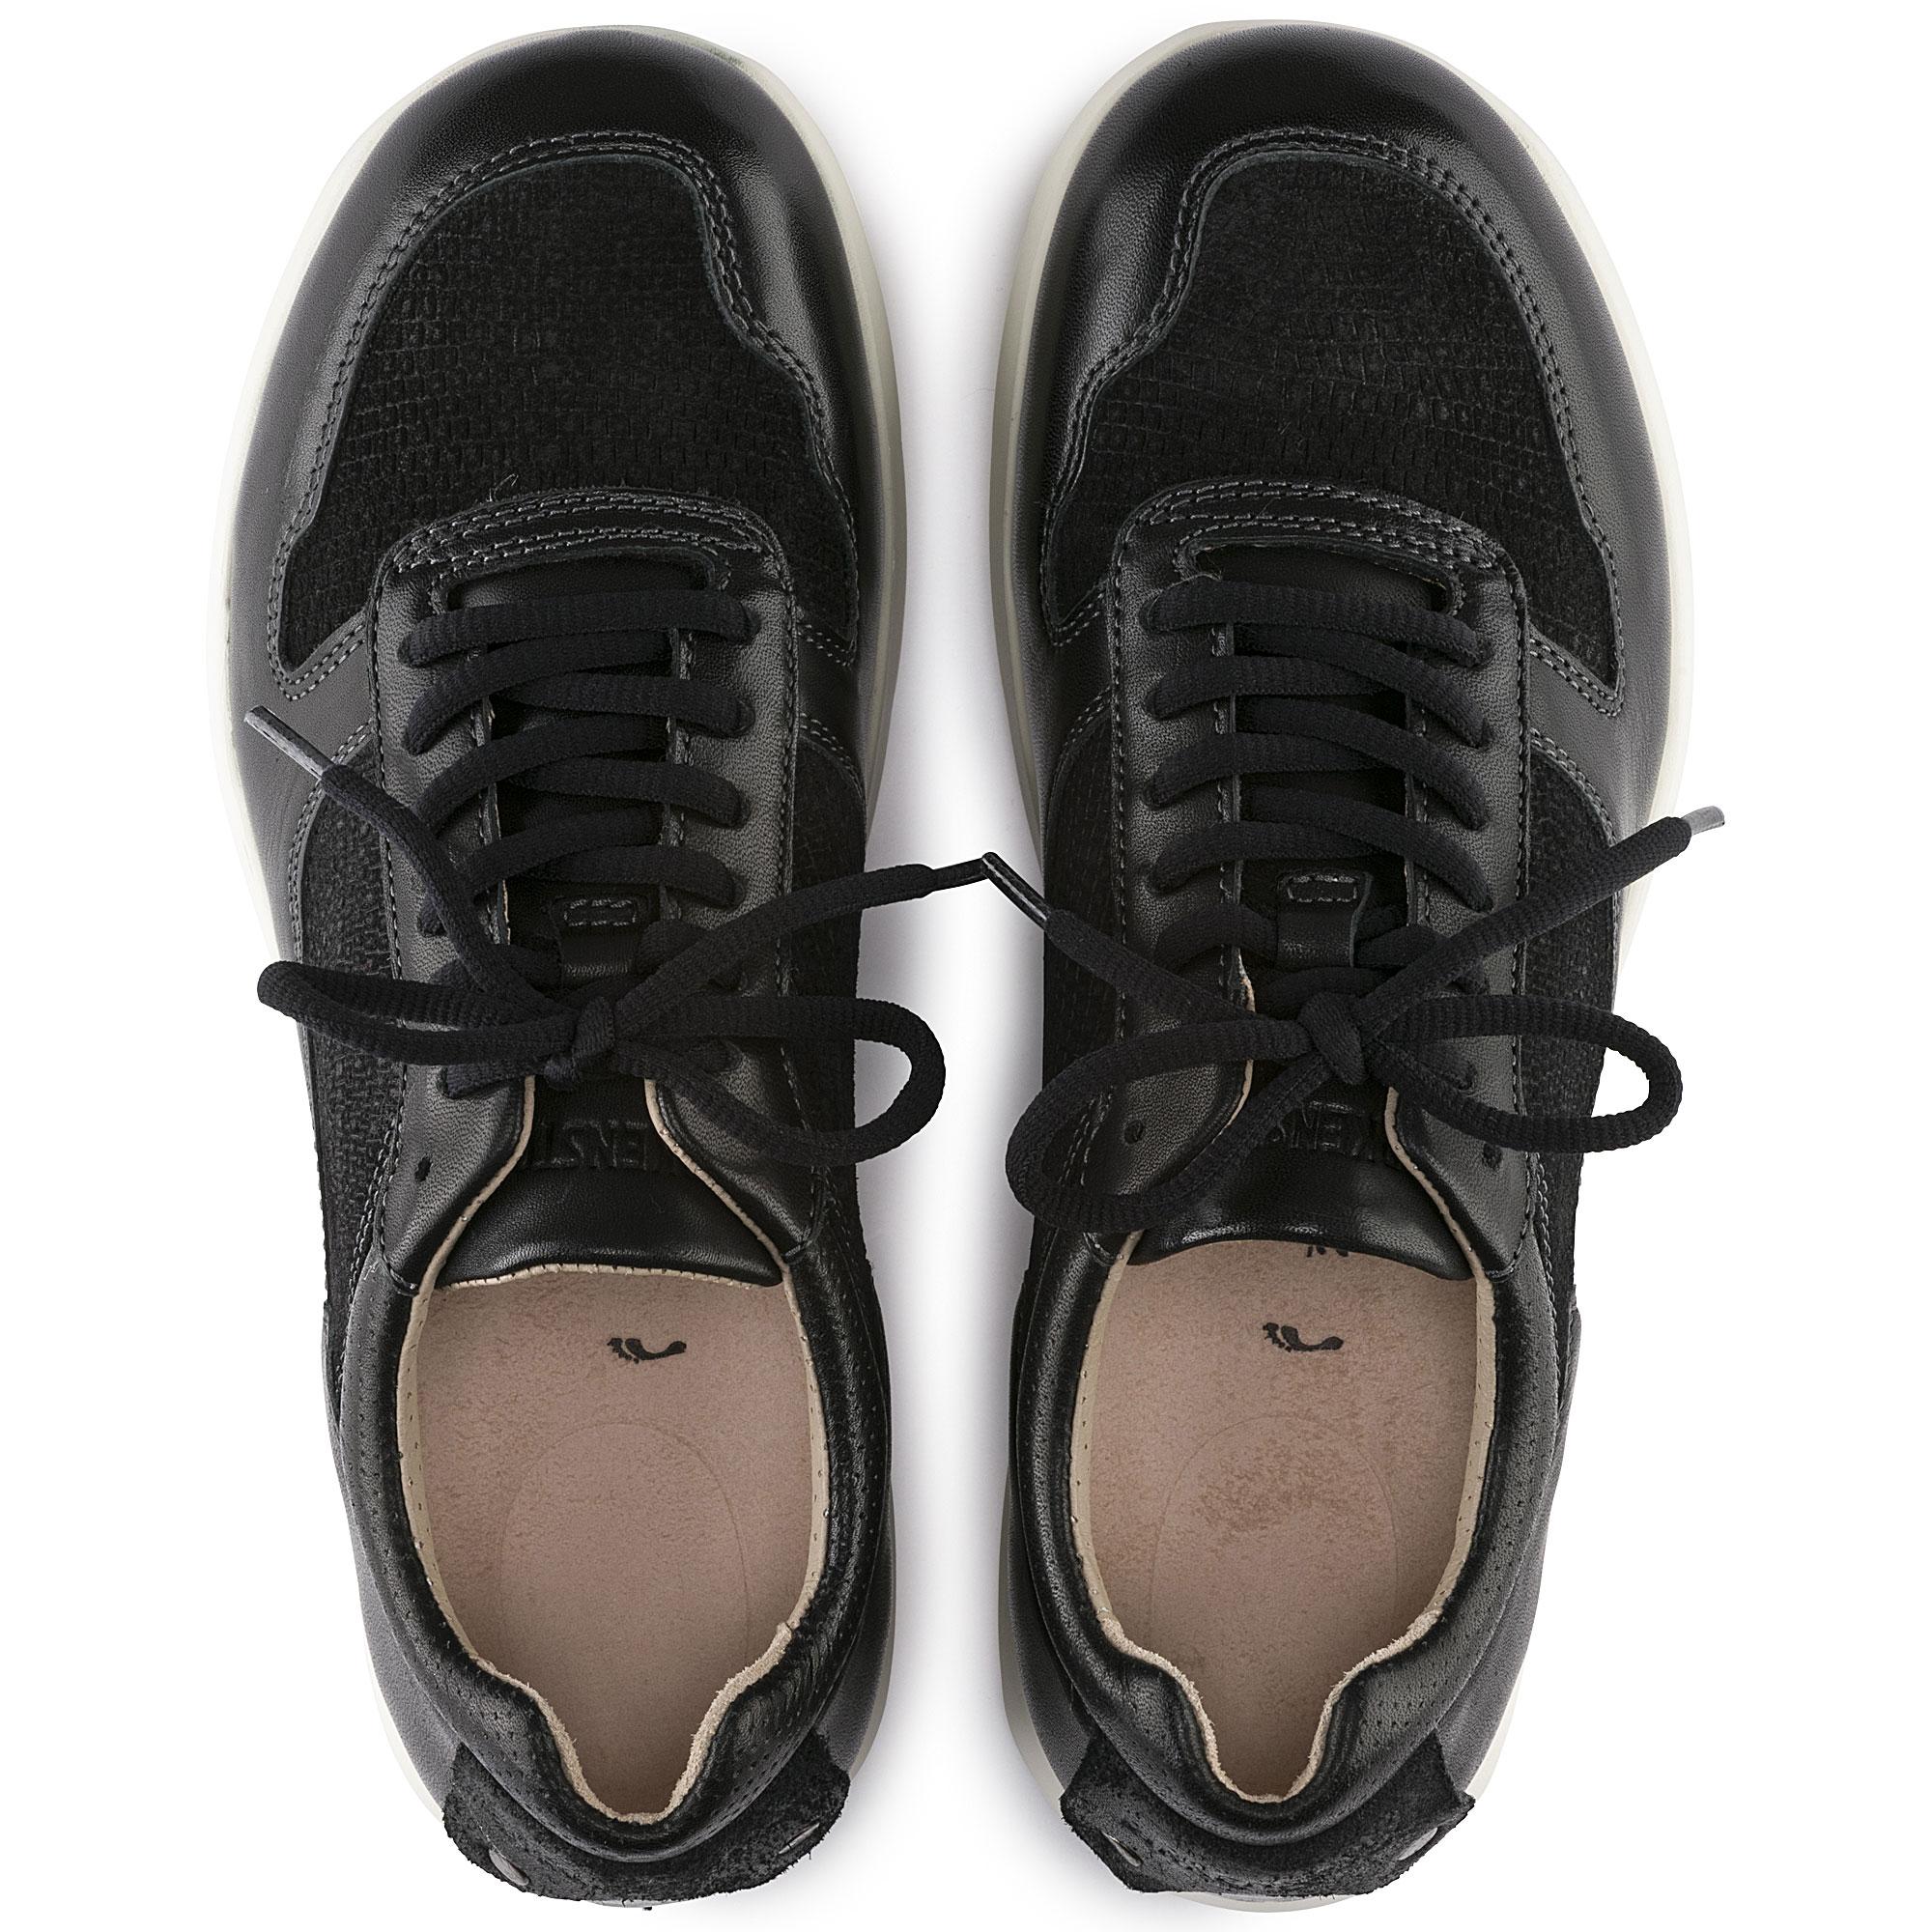 Cincinnati Suede Leather Black